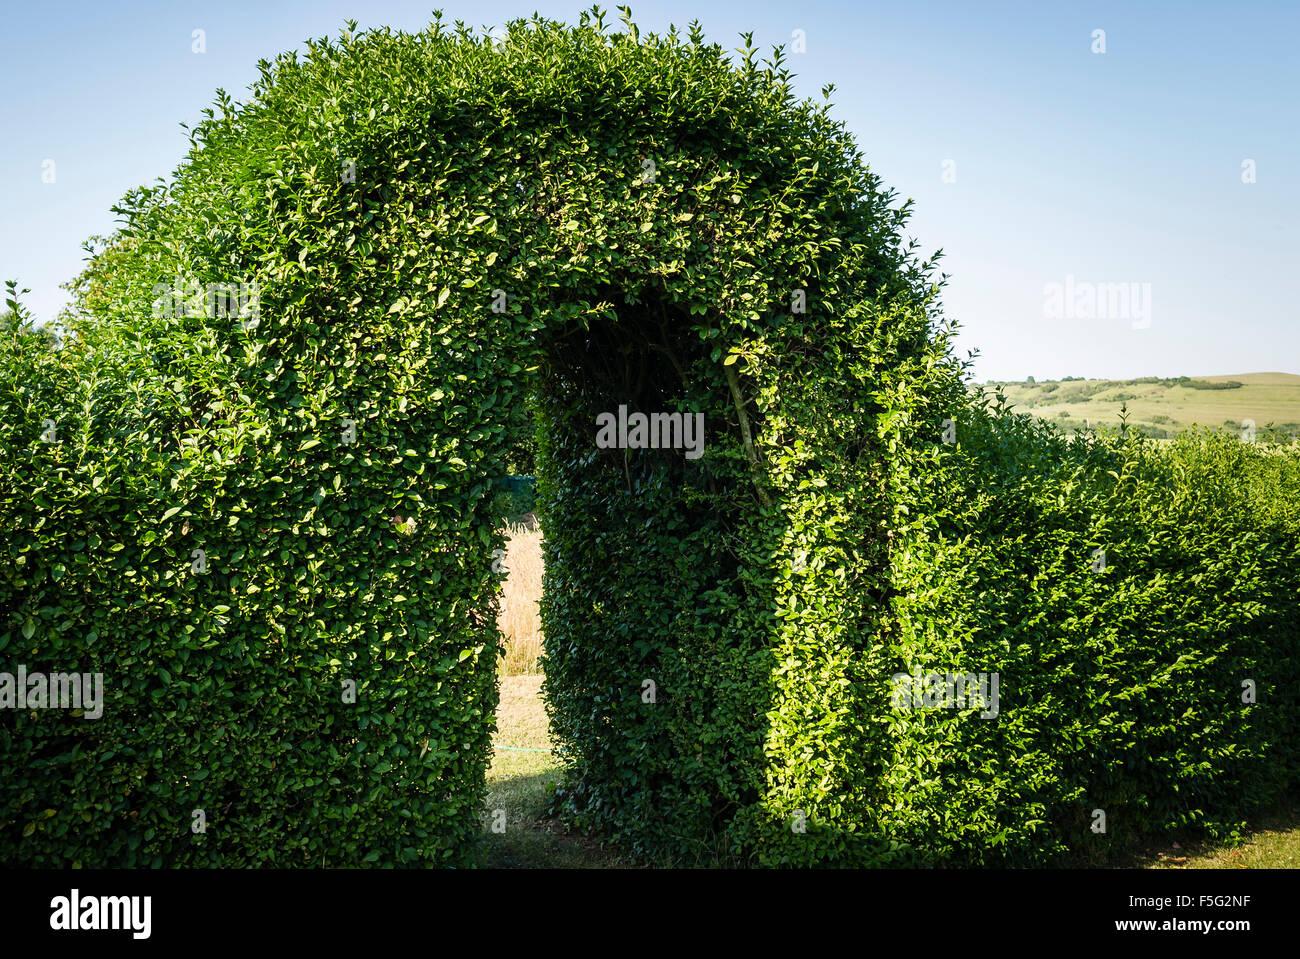 Parzialmente refilata privet hedge arch in estate dando un originale se unkempt aspetto Immagini Stock